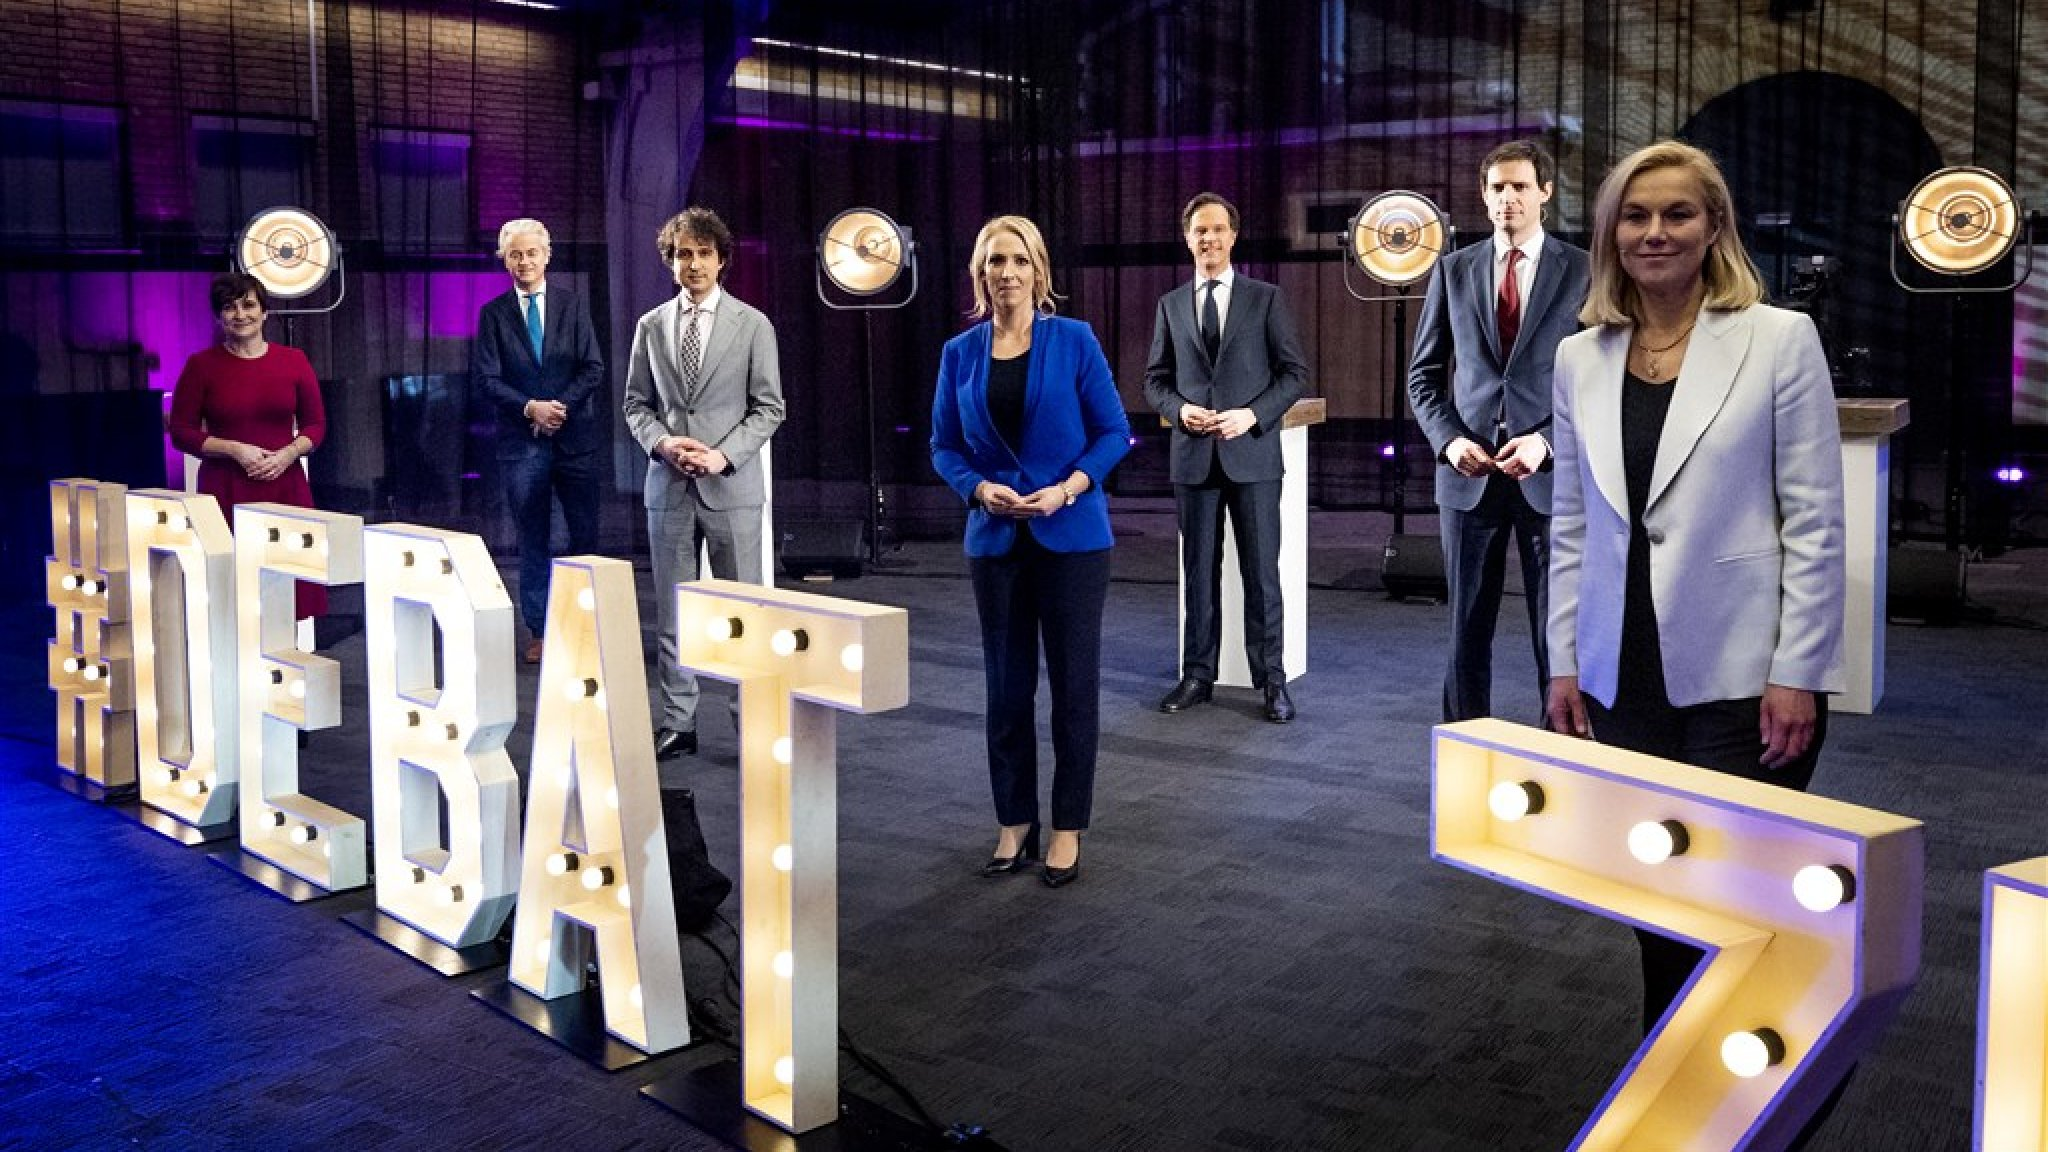 Handschoenen uit in Brabant: scherpe debatten onder lijsttrekkers - RTL Nieuws